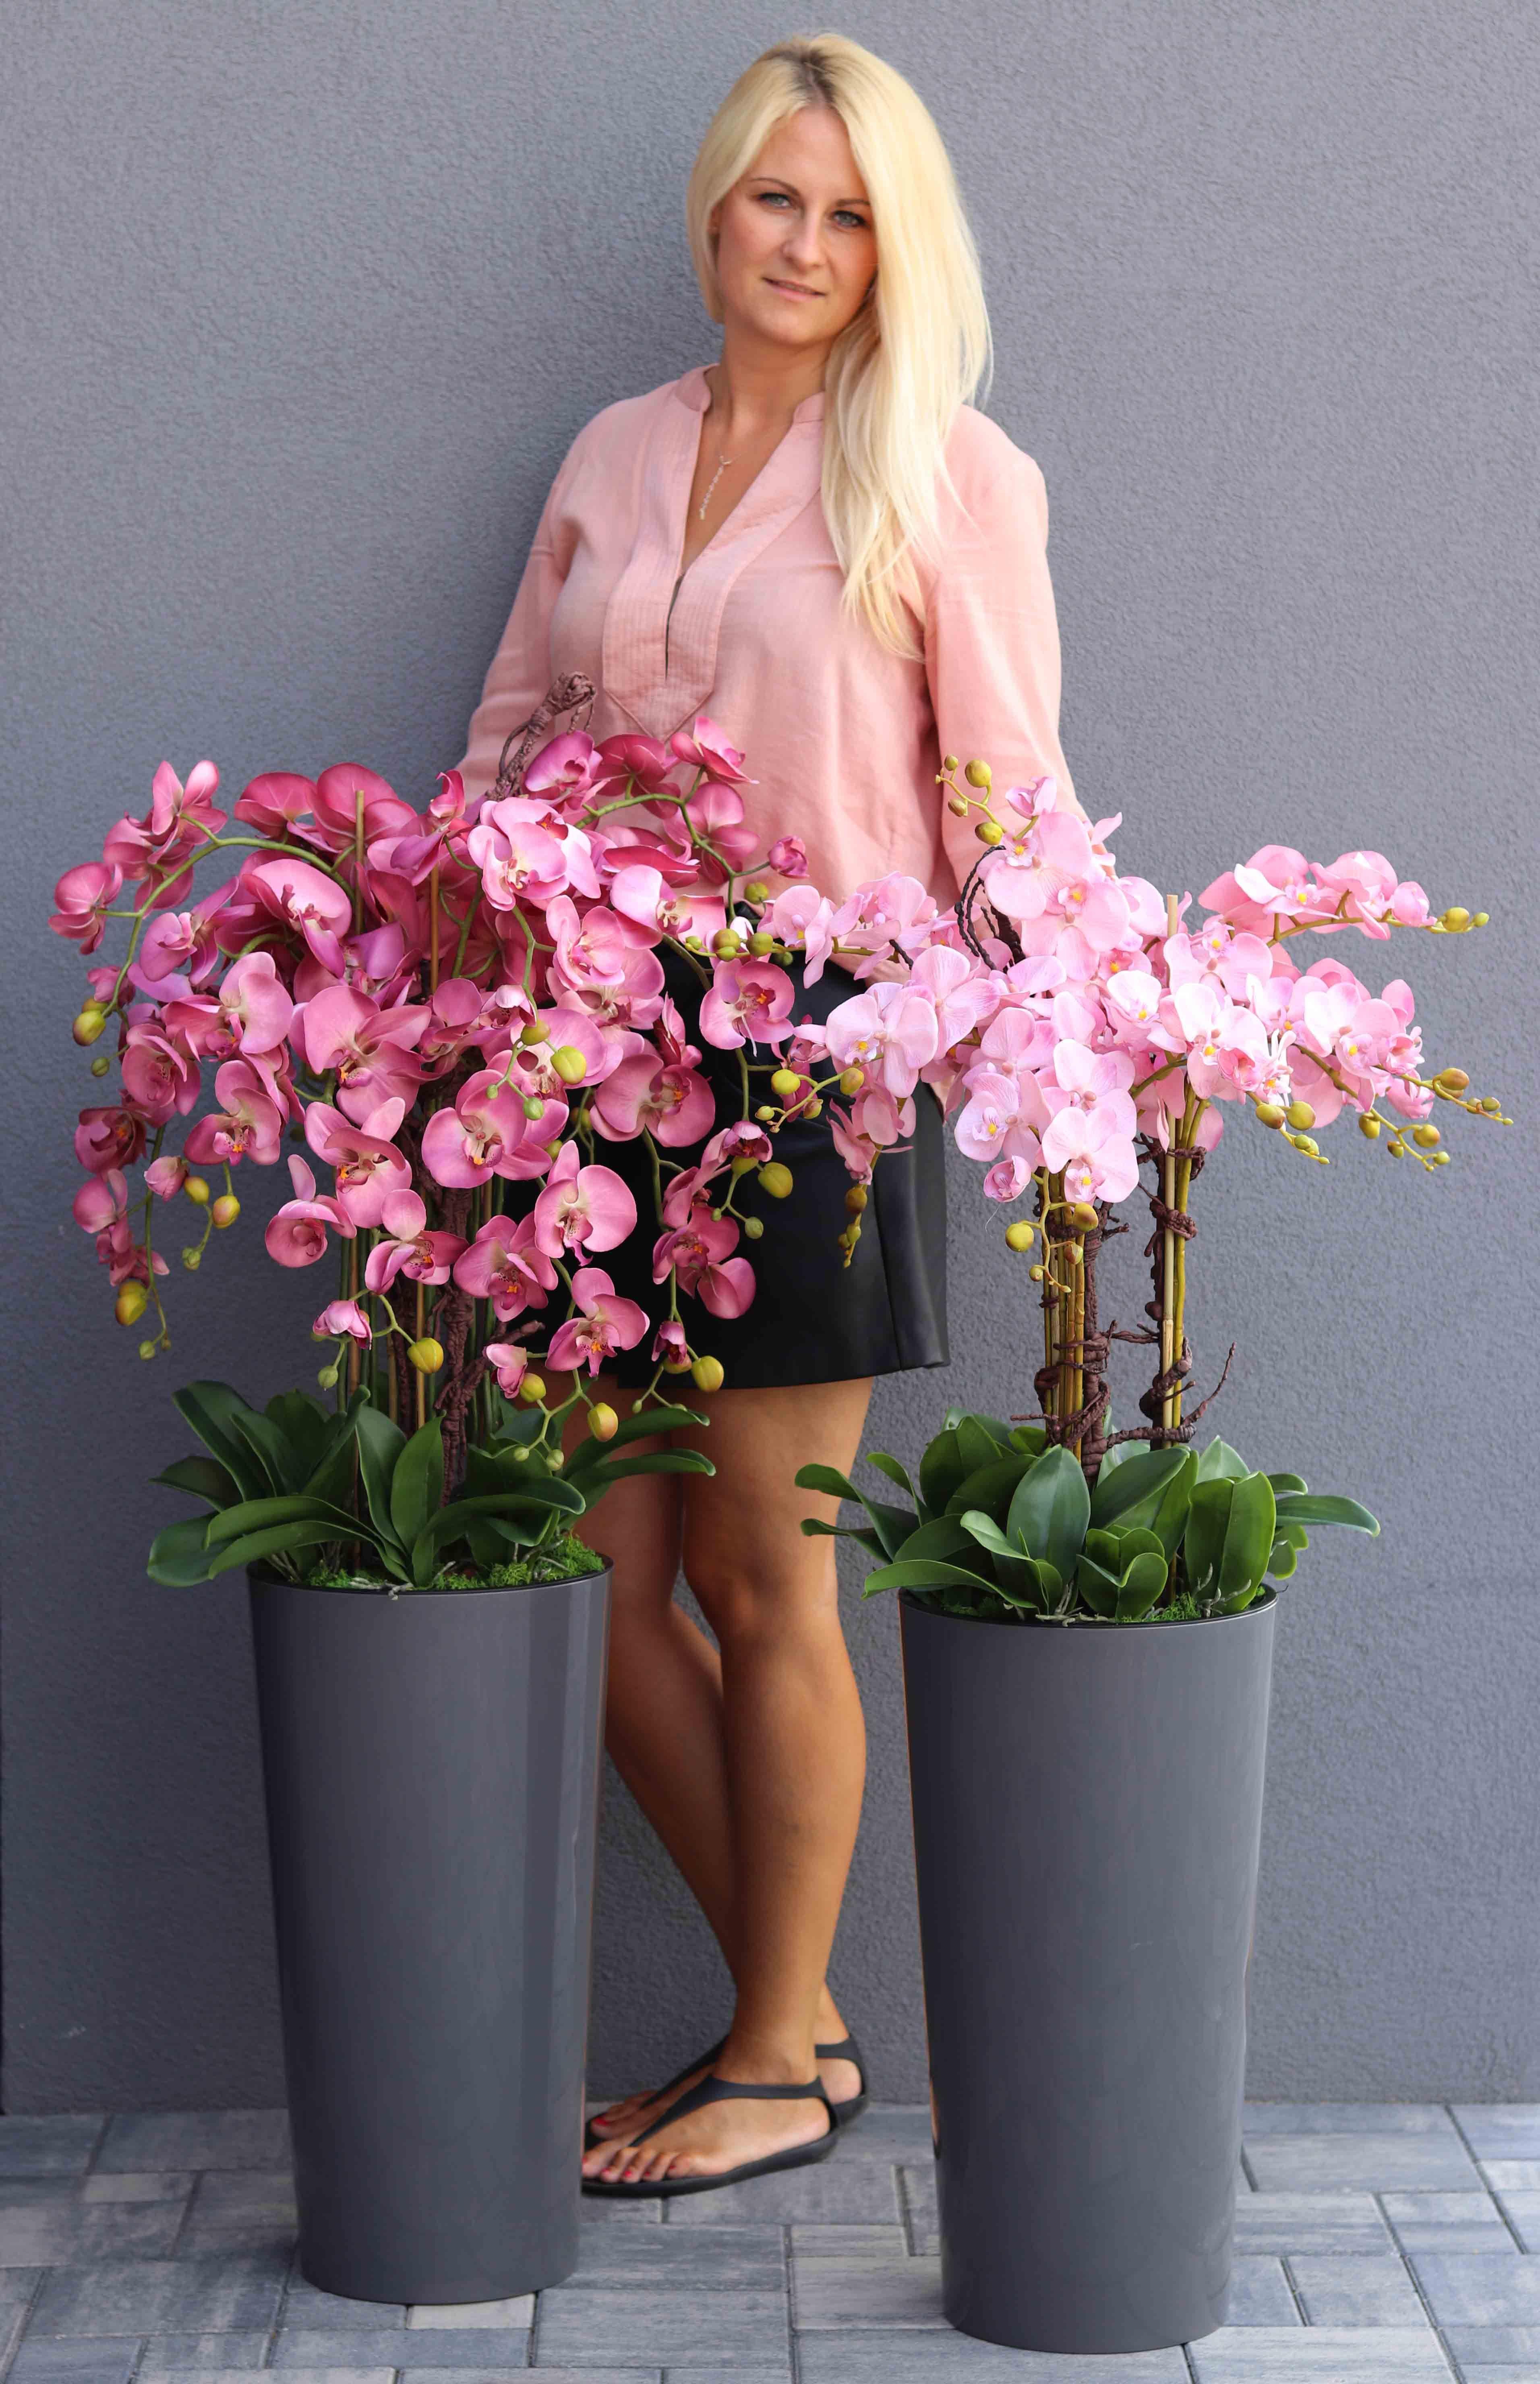 Kwiaty Doniczkowe Z Pracowni Tendom Pl Decoracao Com Flores Artificiais Arranjos Florais Modernos Decoracao Com Flores